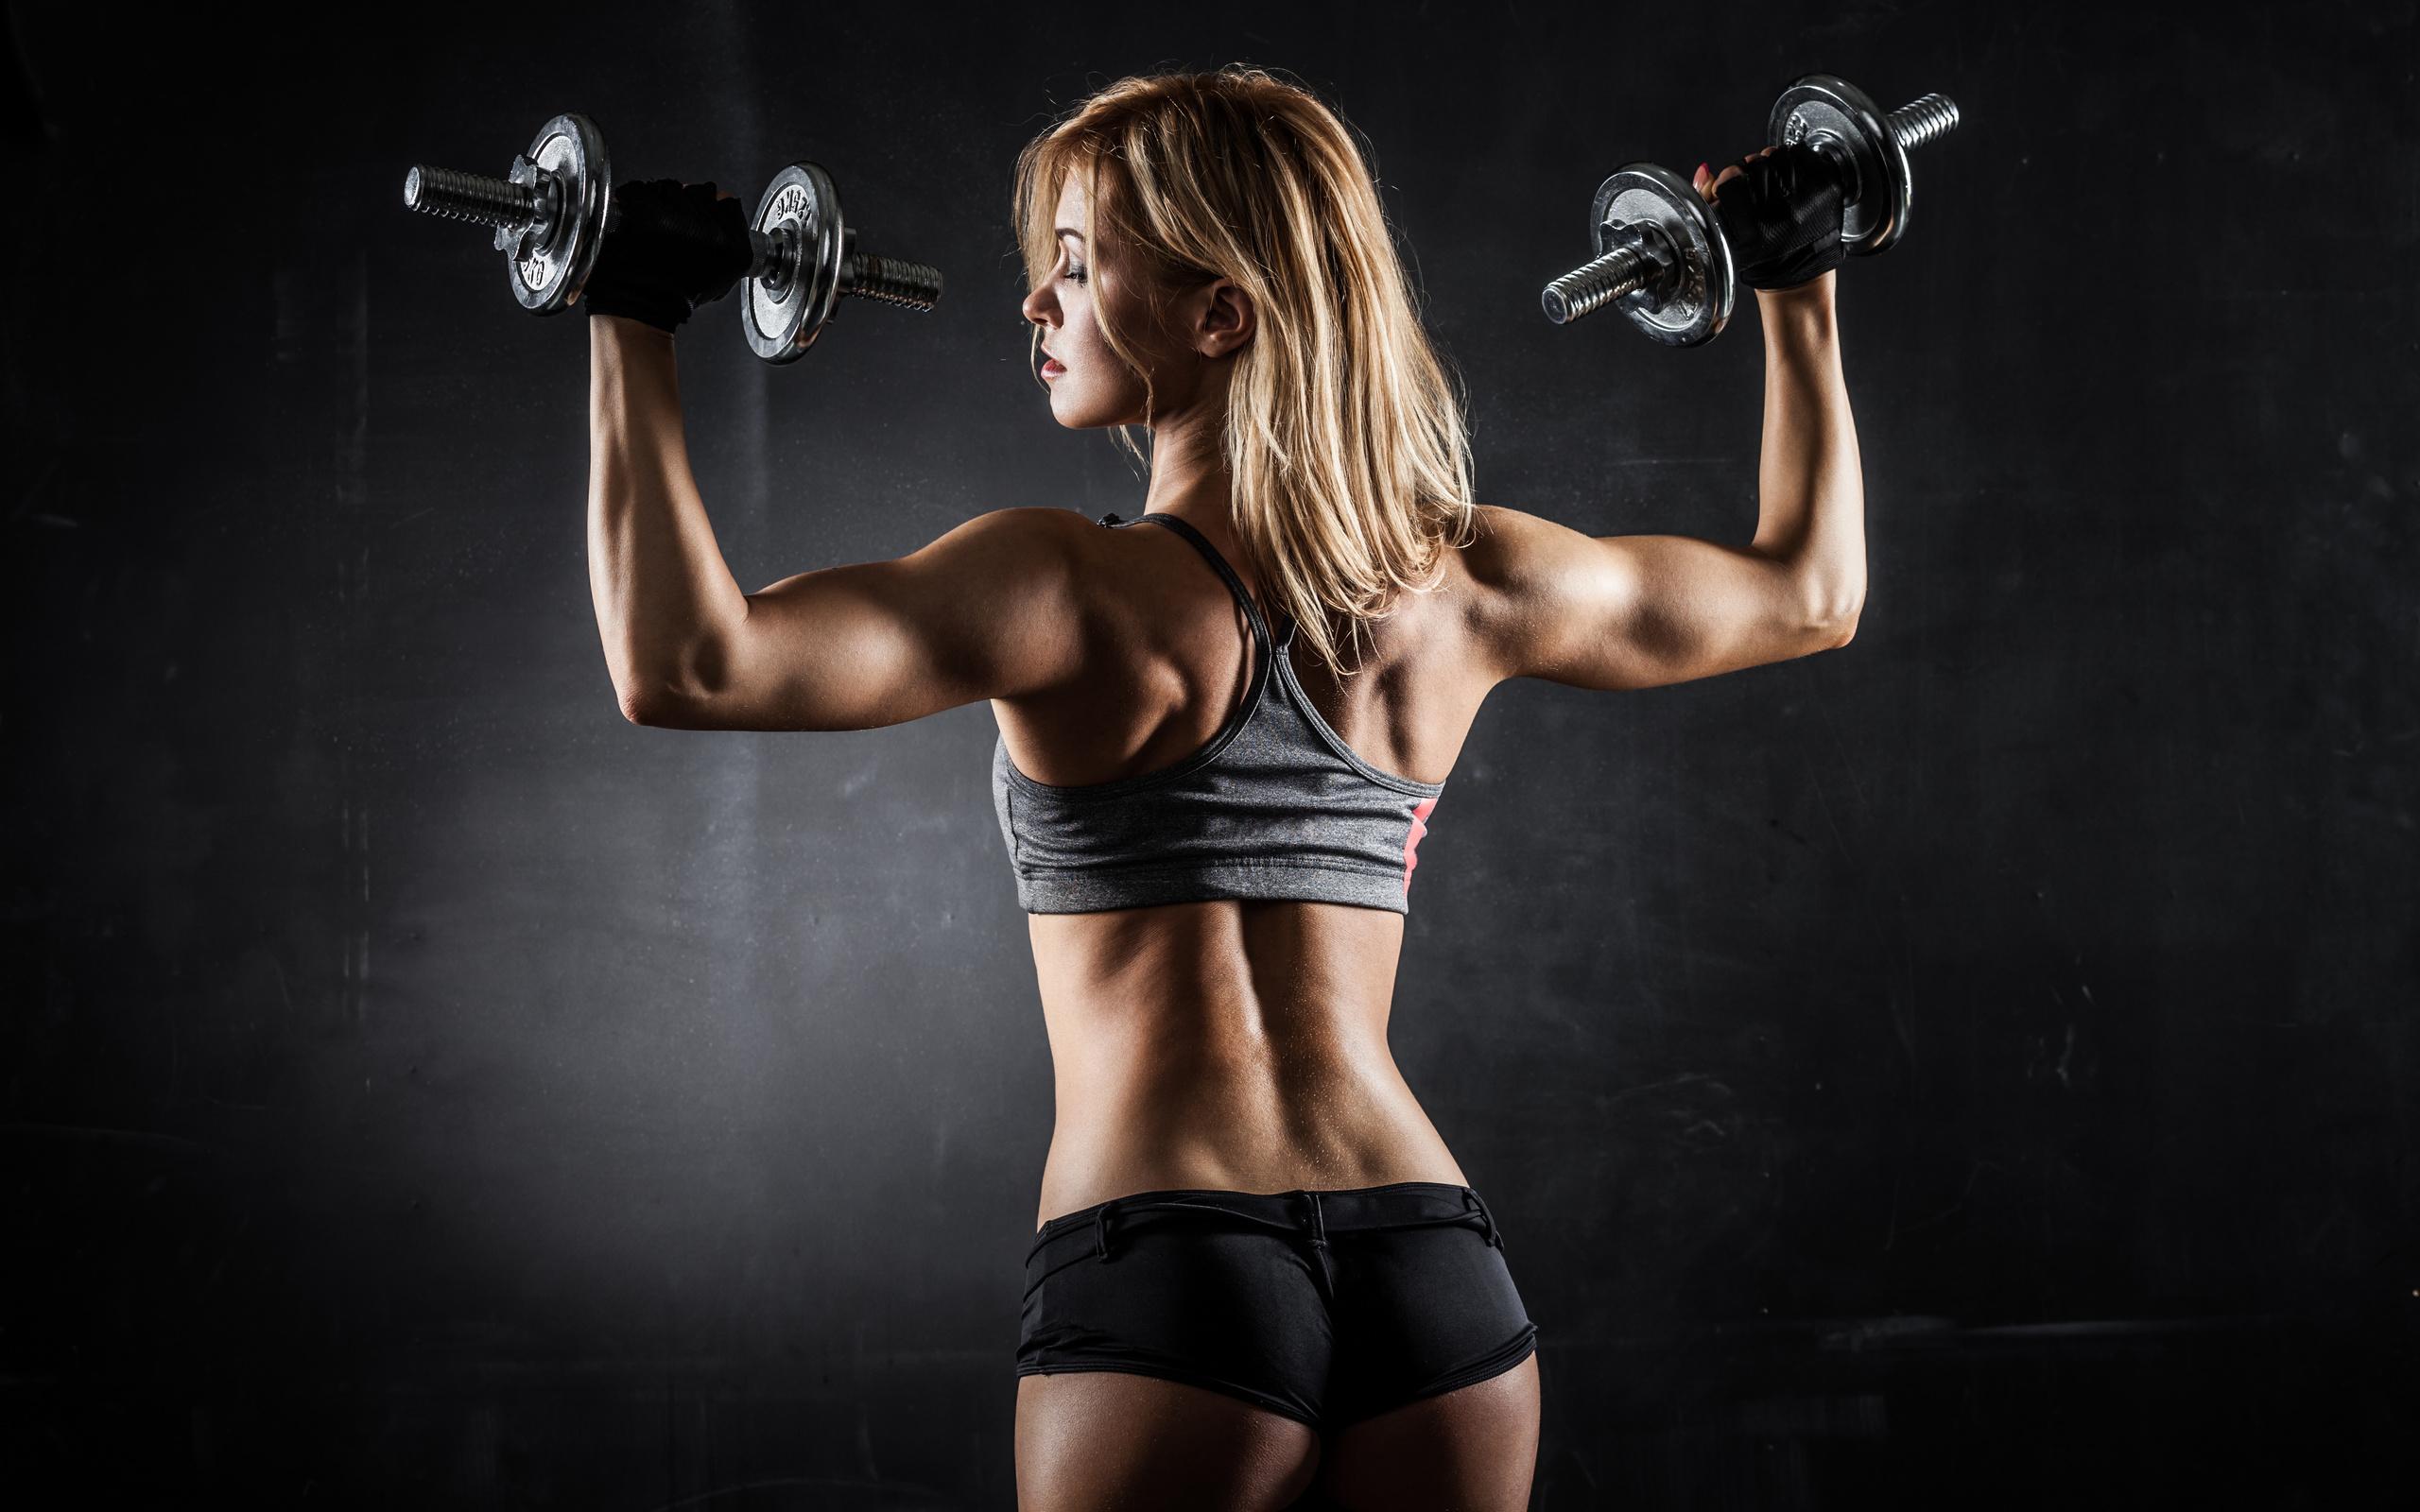 Фото девушки бодибилдинг фитнес 15 фотография